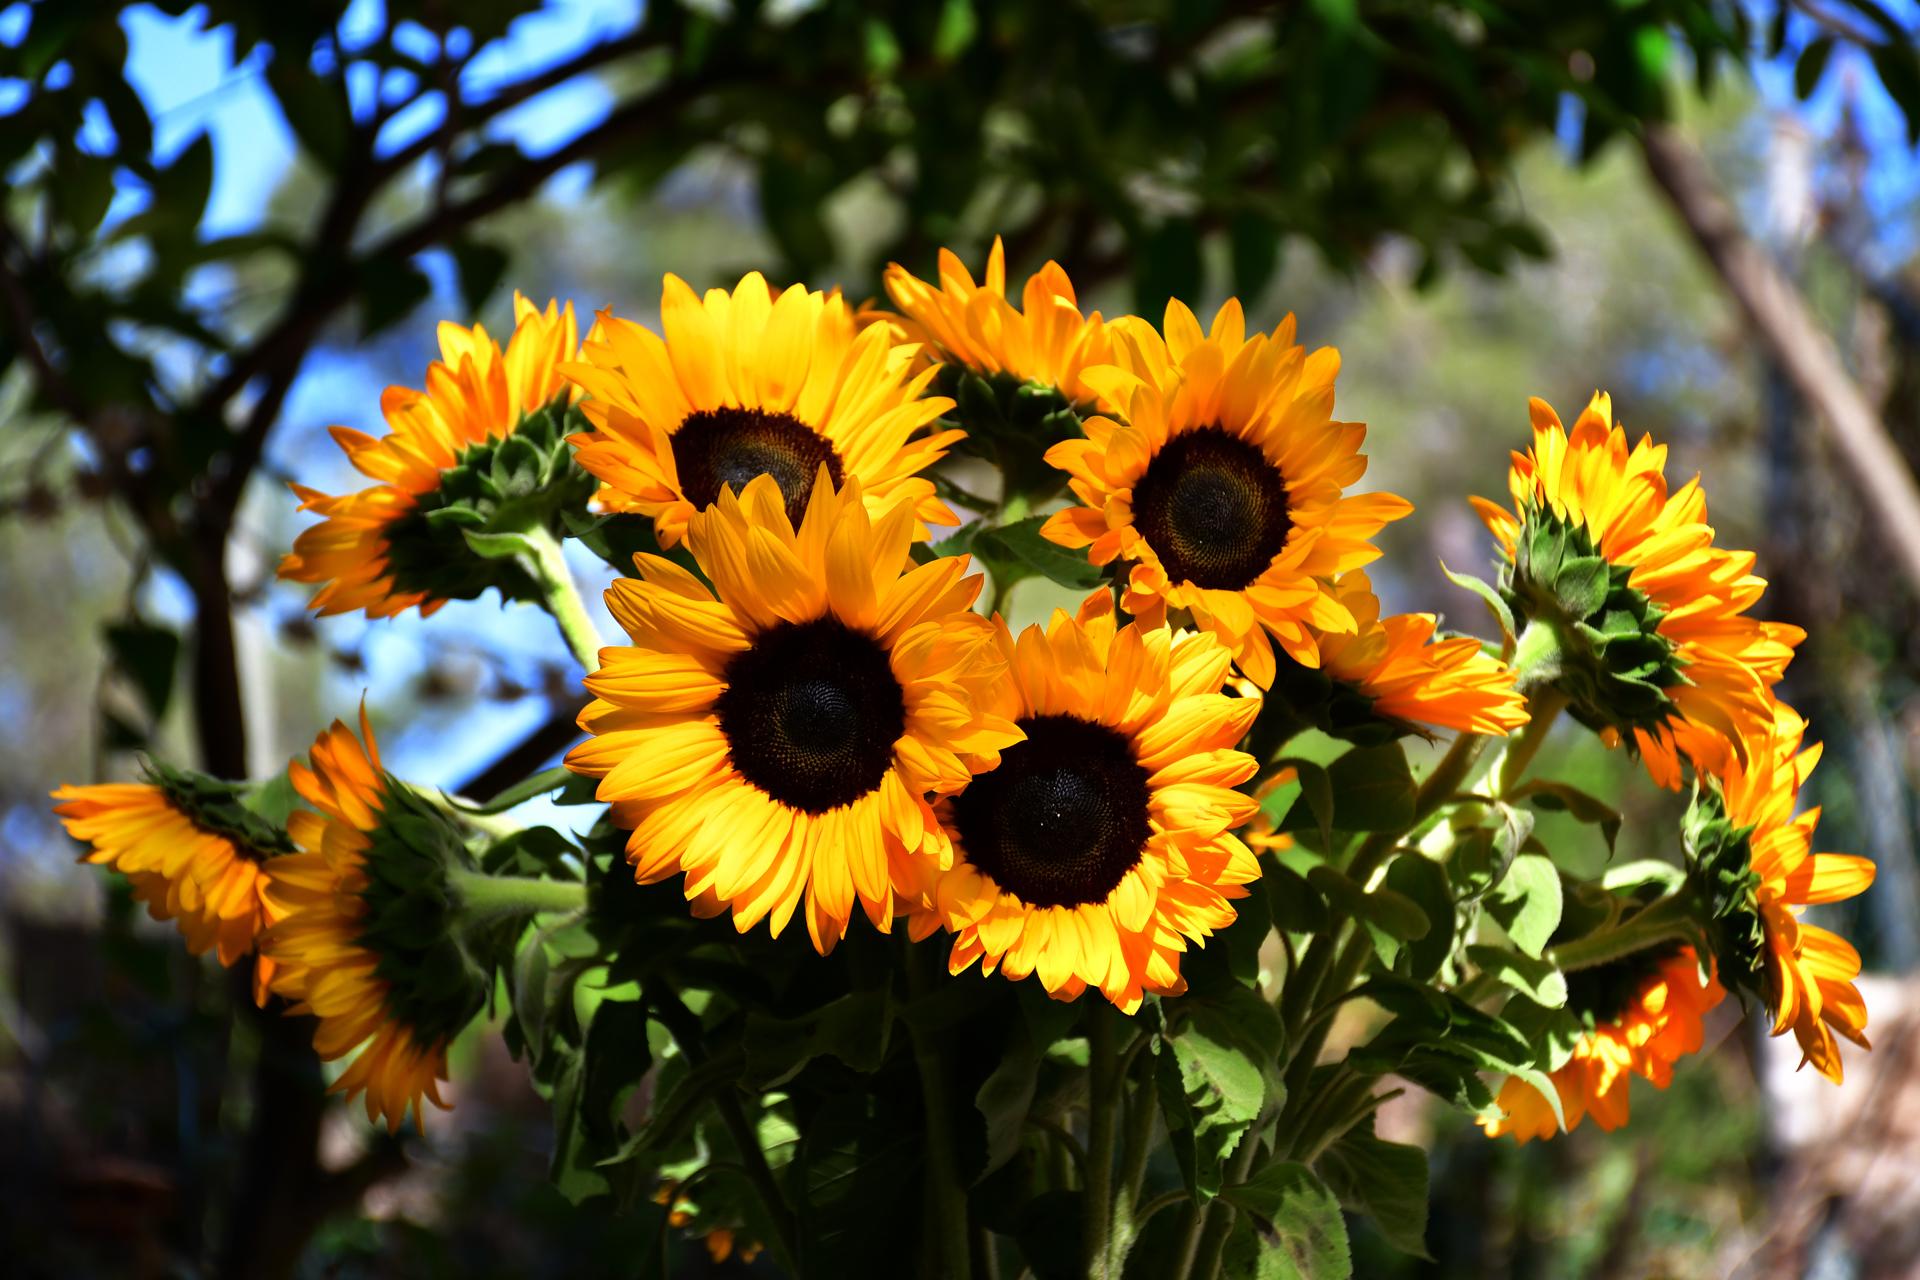 צהוב - פרחים - חמניות- יואל שתרוג - אדמה יוצרת - yoel sitruk